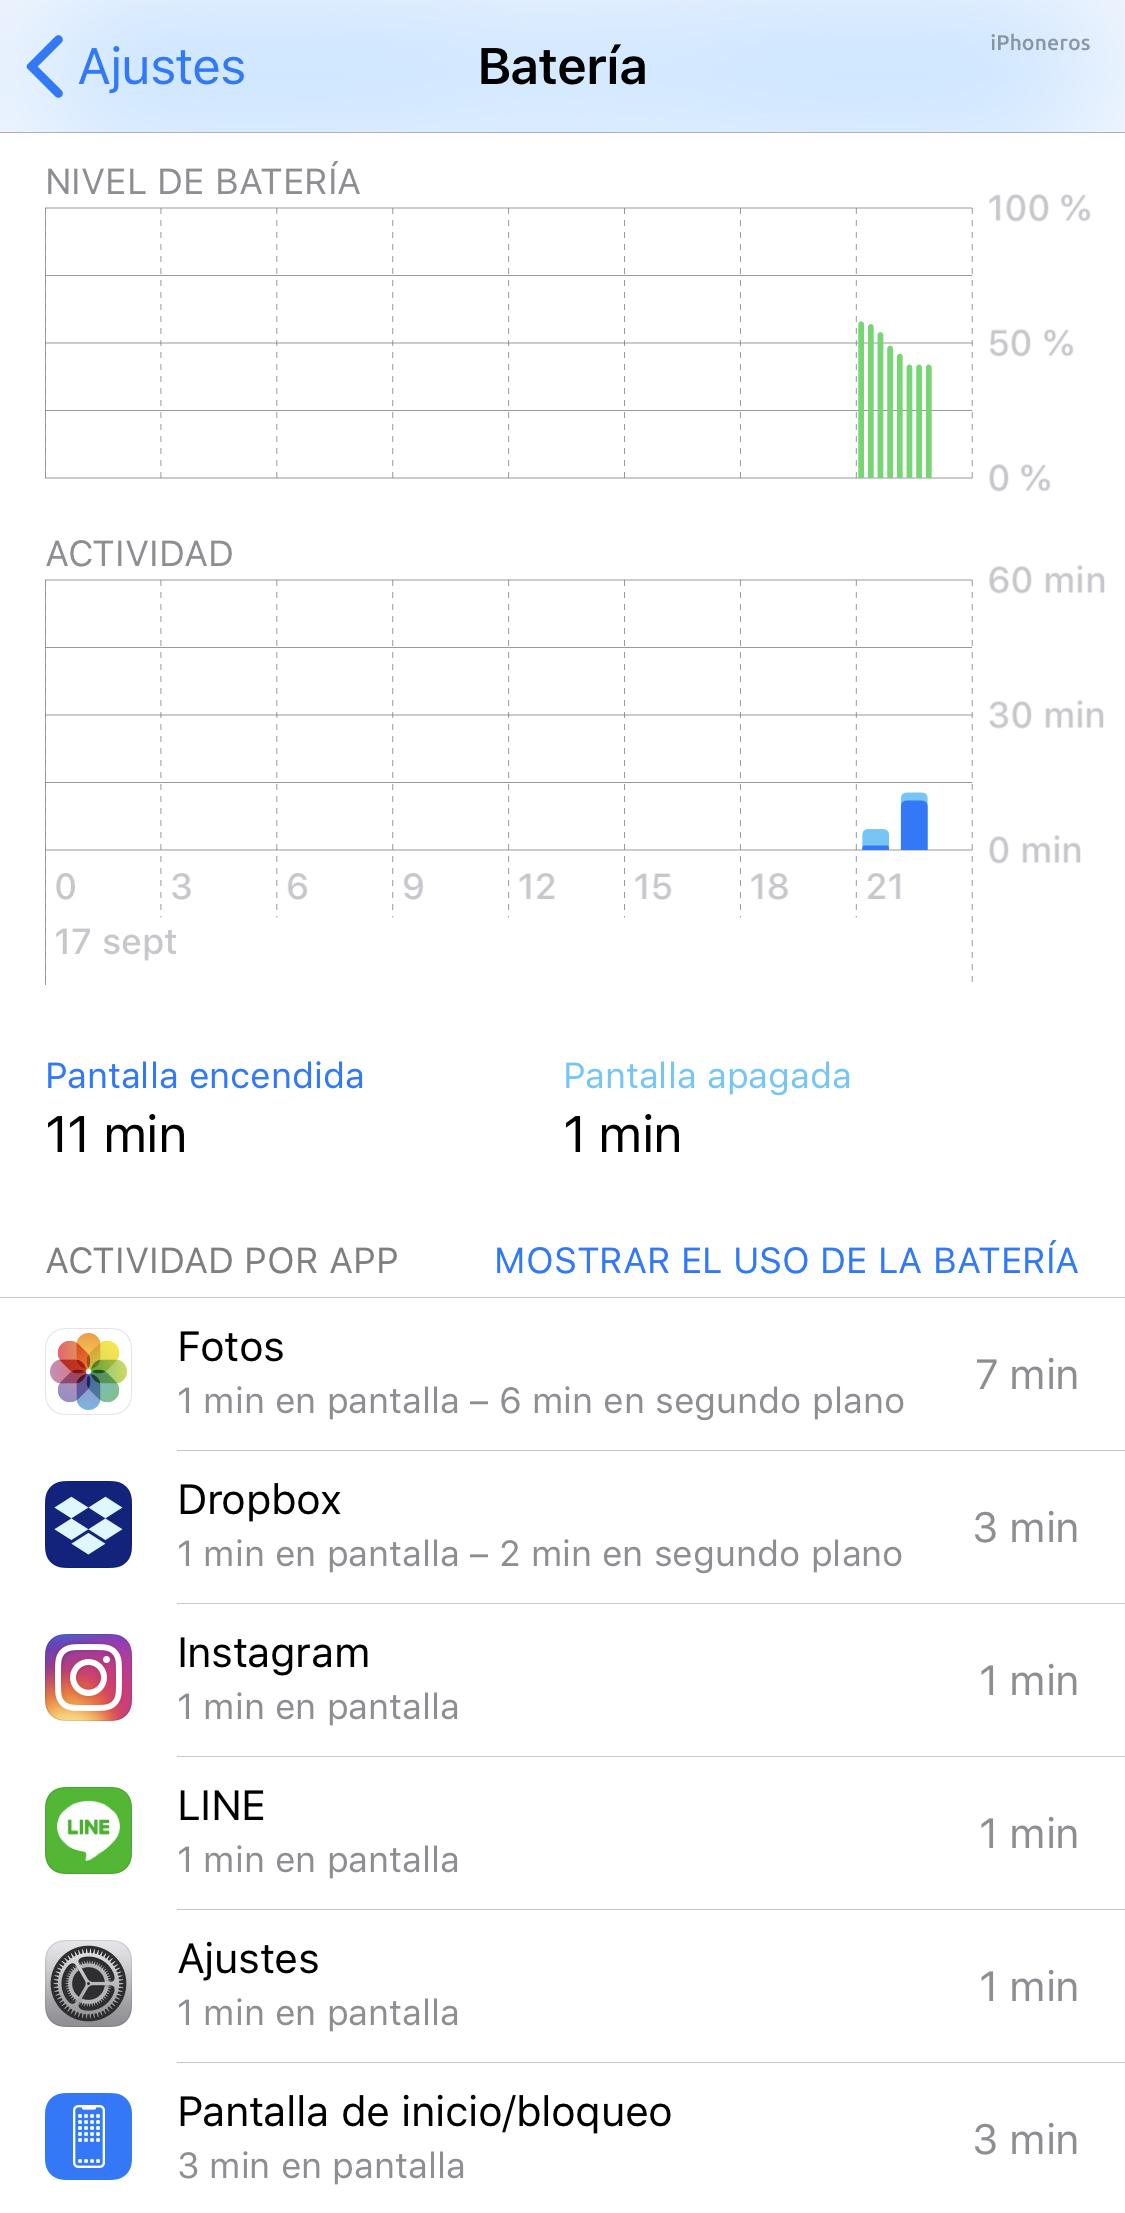 Información sobre el uso de batería en iOS 12